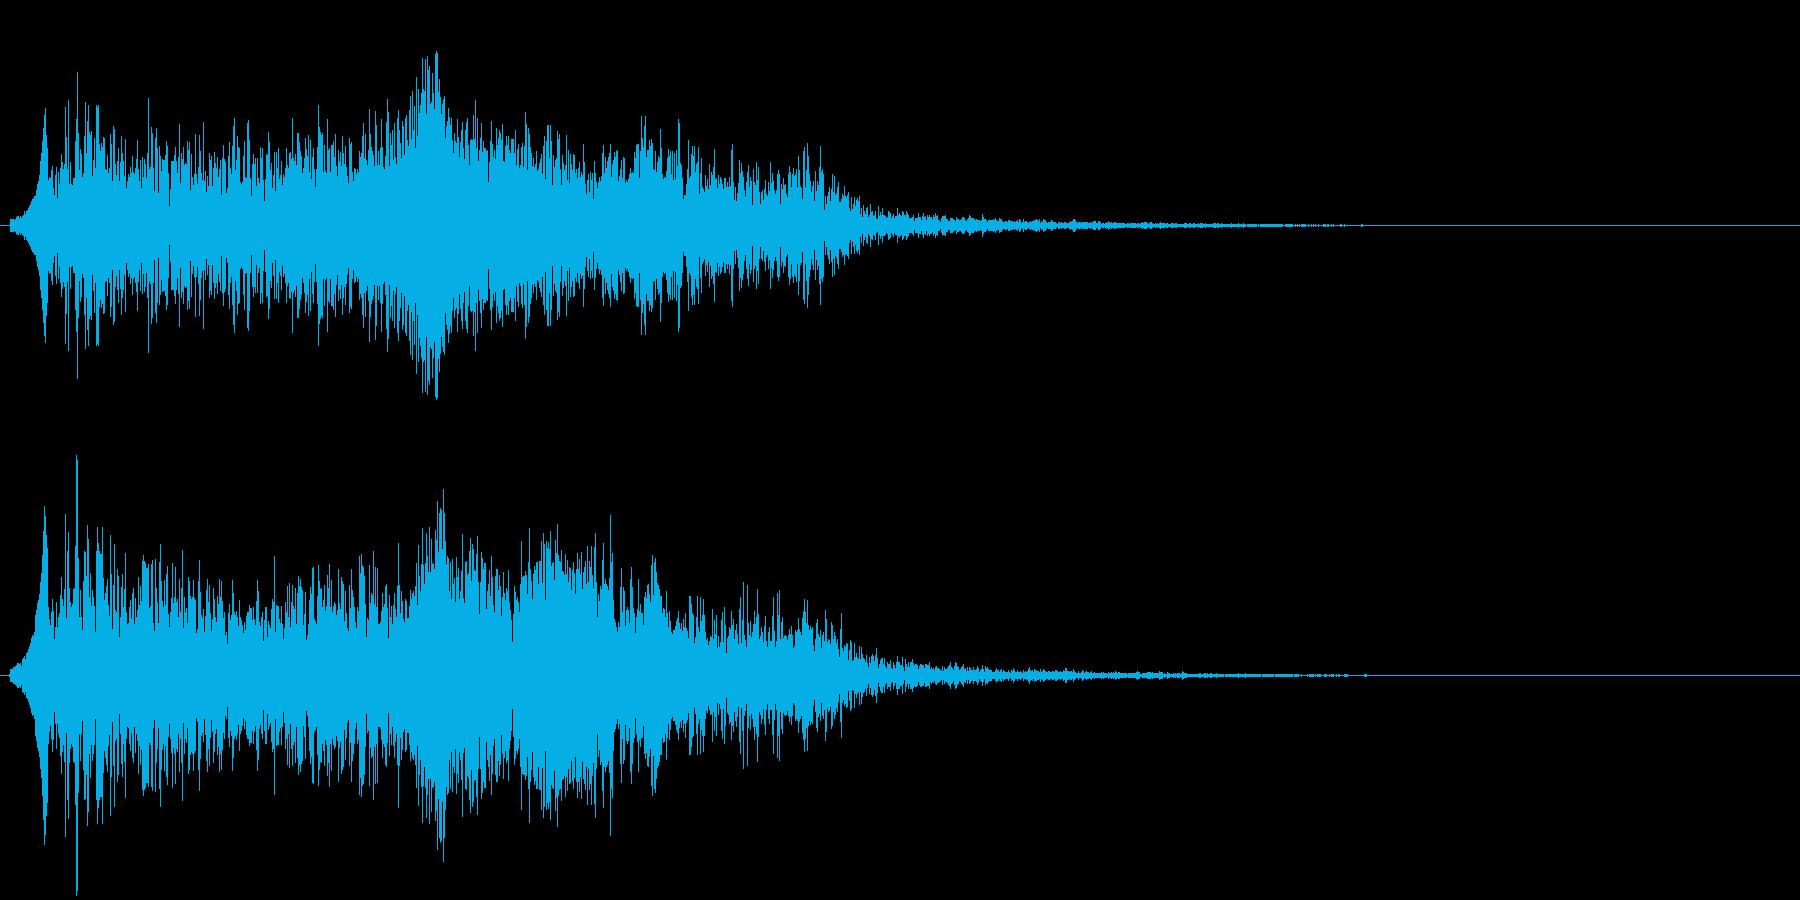 男性の悲鳴の再生済みの波形